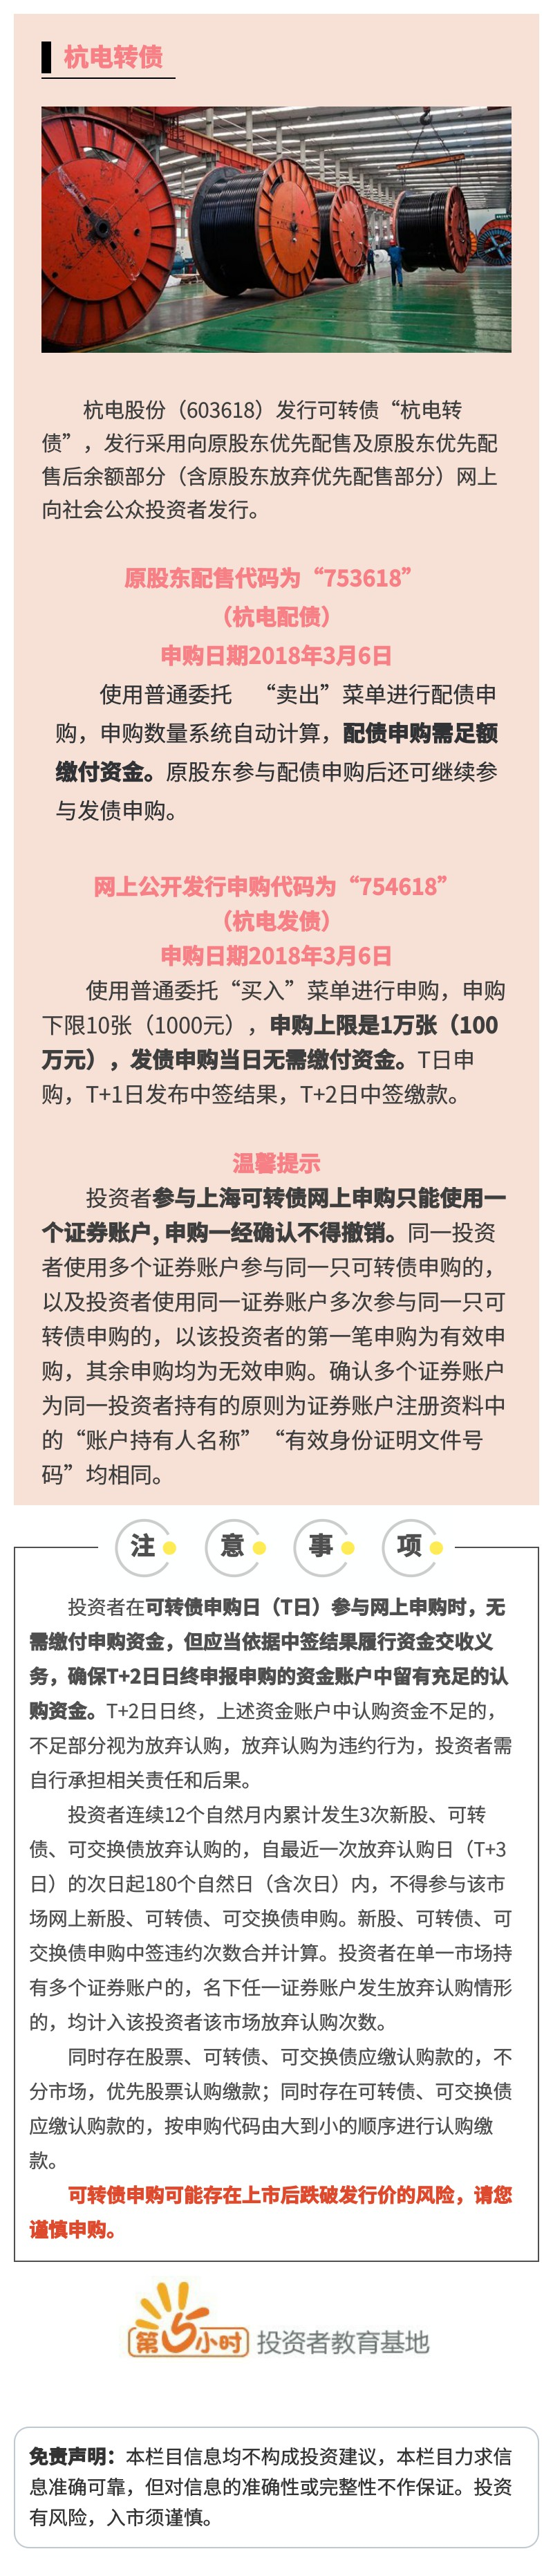 【新债申购】杭电股份(603618)公开发行可转换公司债.jpg